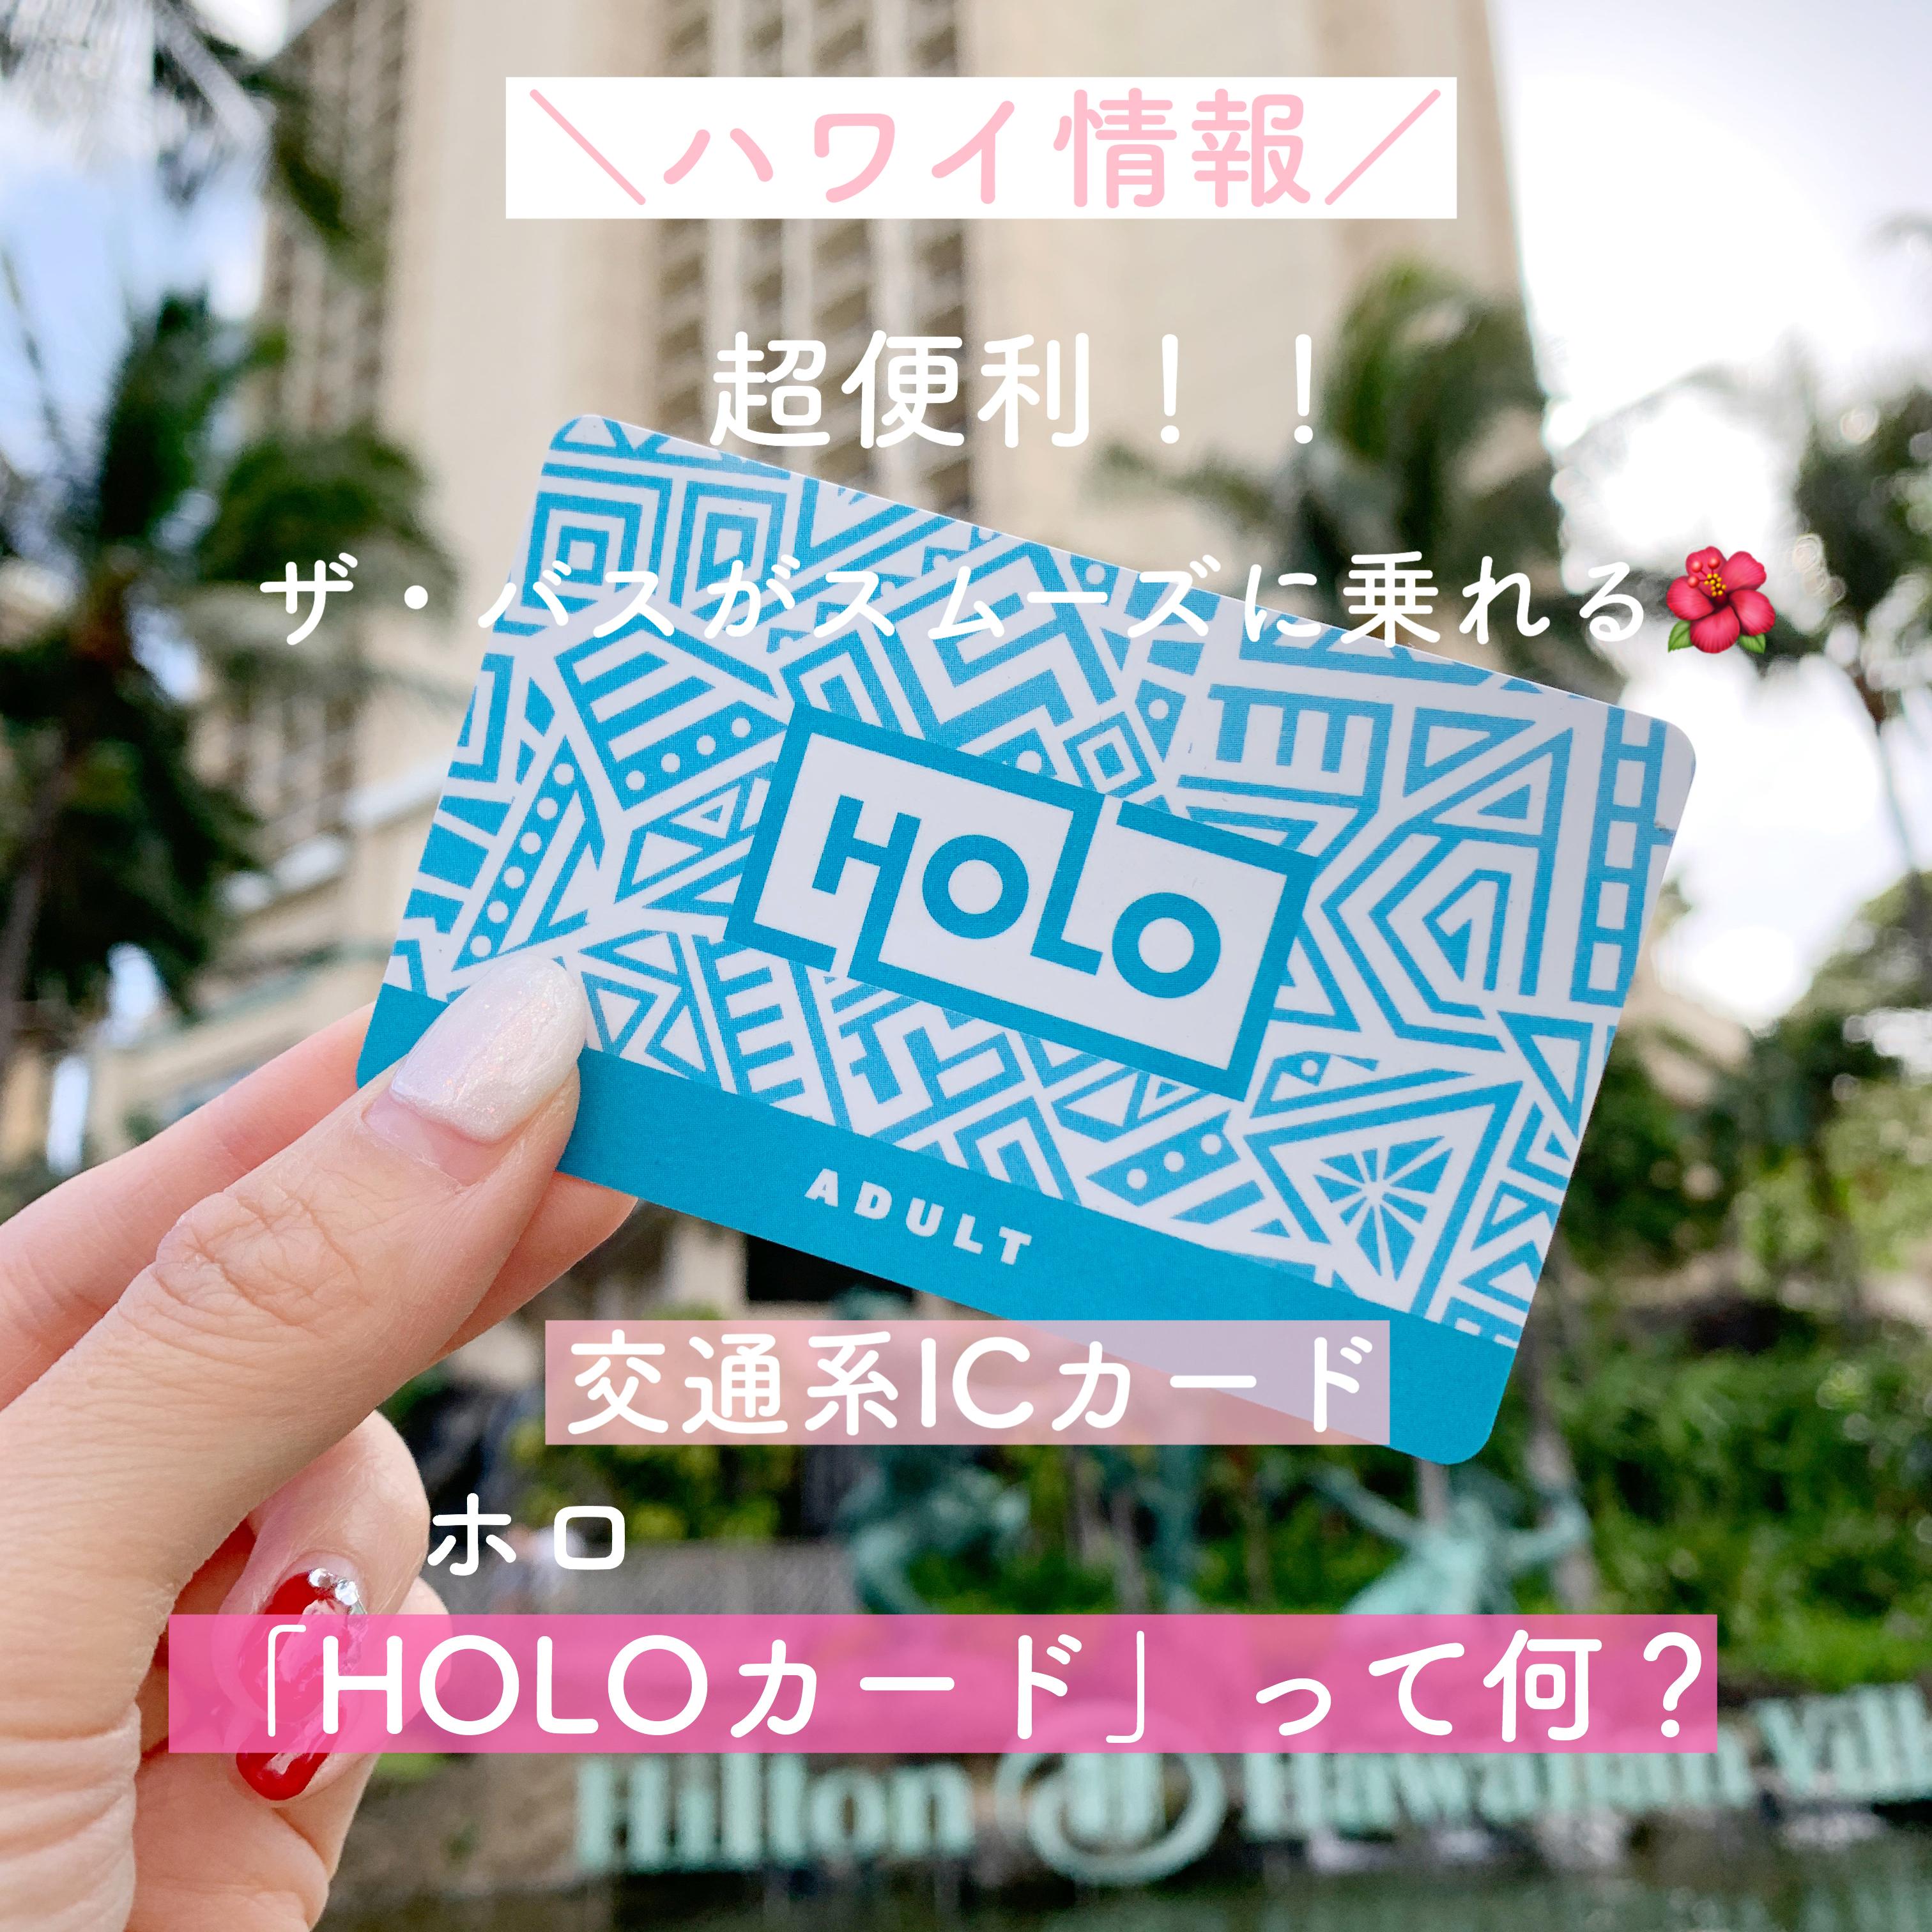 【ハワイ情報】超便利!新導入の交通系ICカード「HOLO(ホロ)カード」って何?